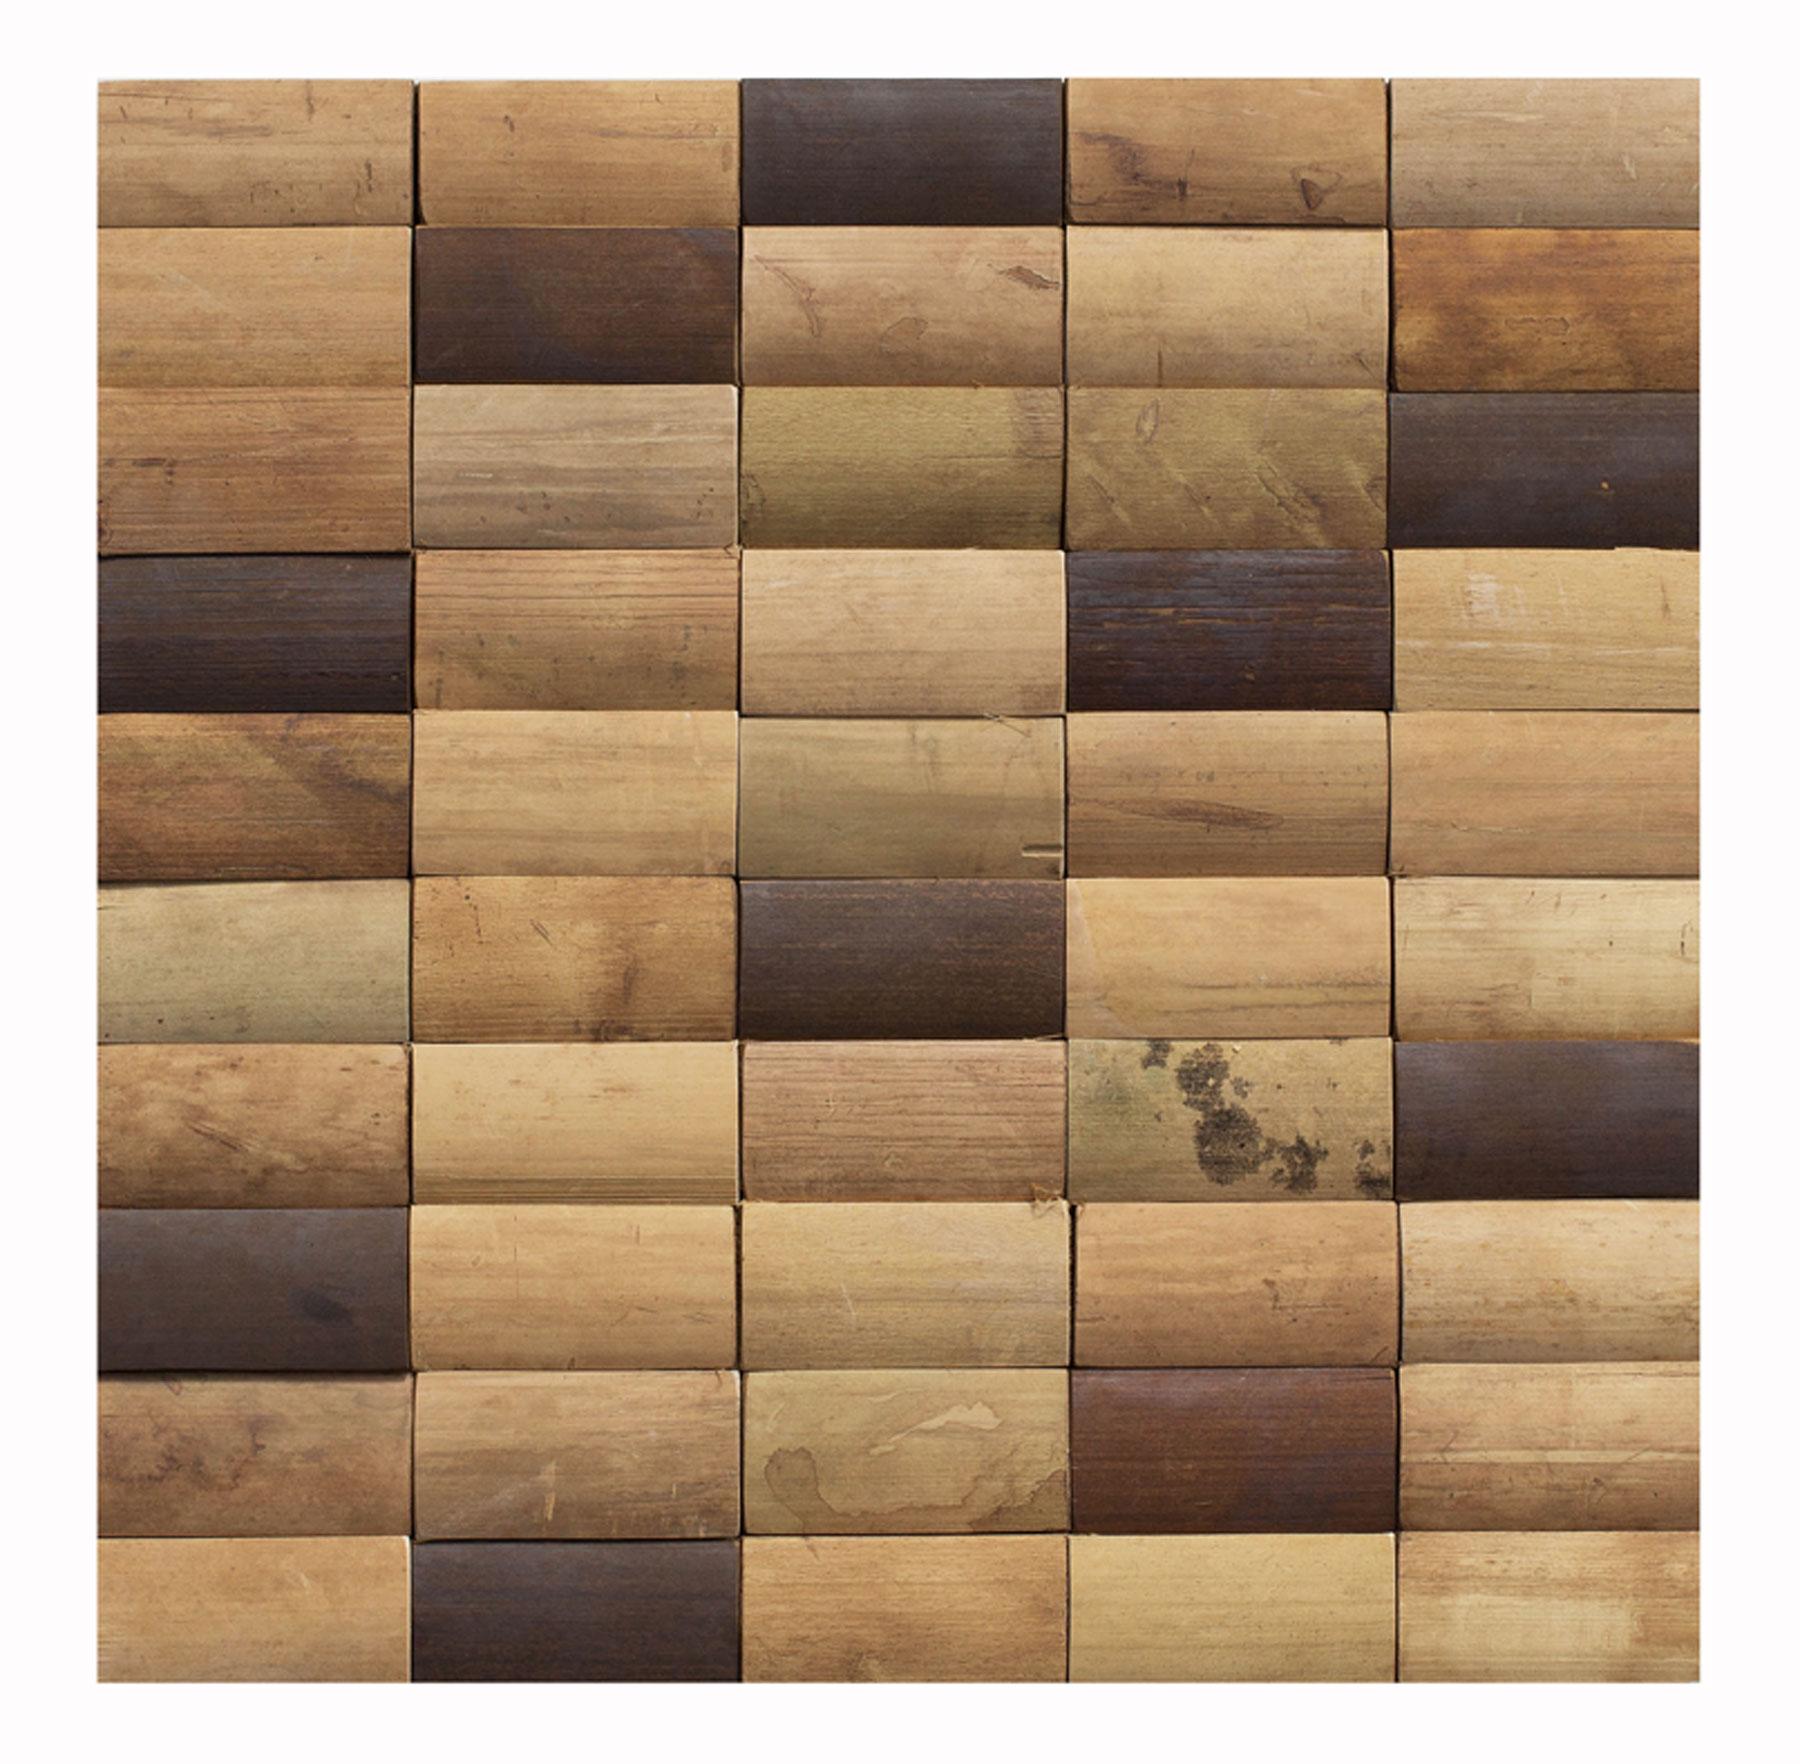 Bambus Mosaikfliesen als dekorative Wandverkleidung